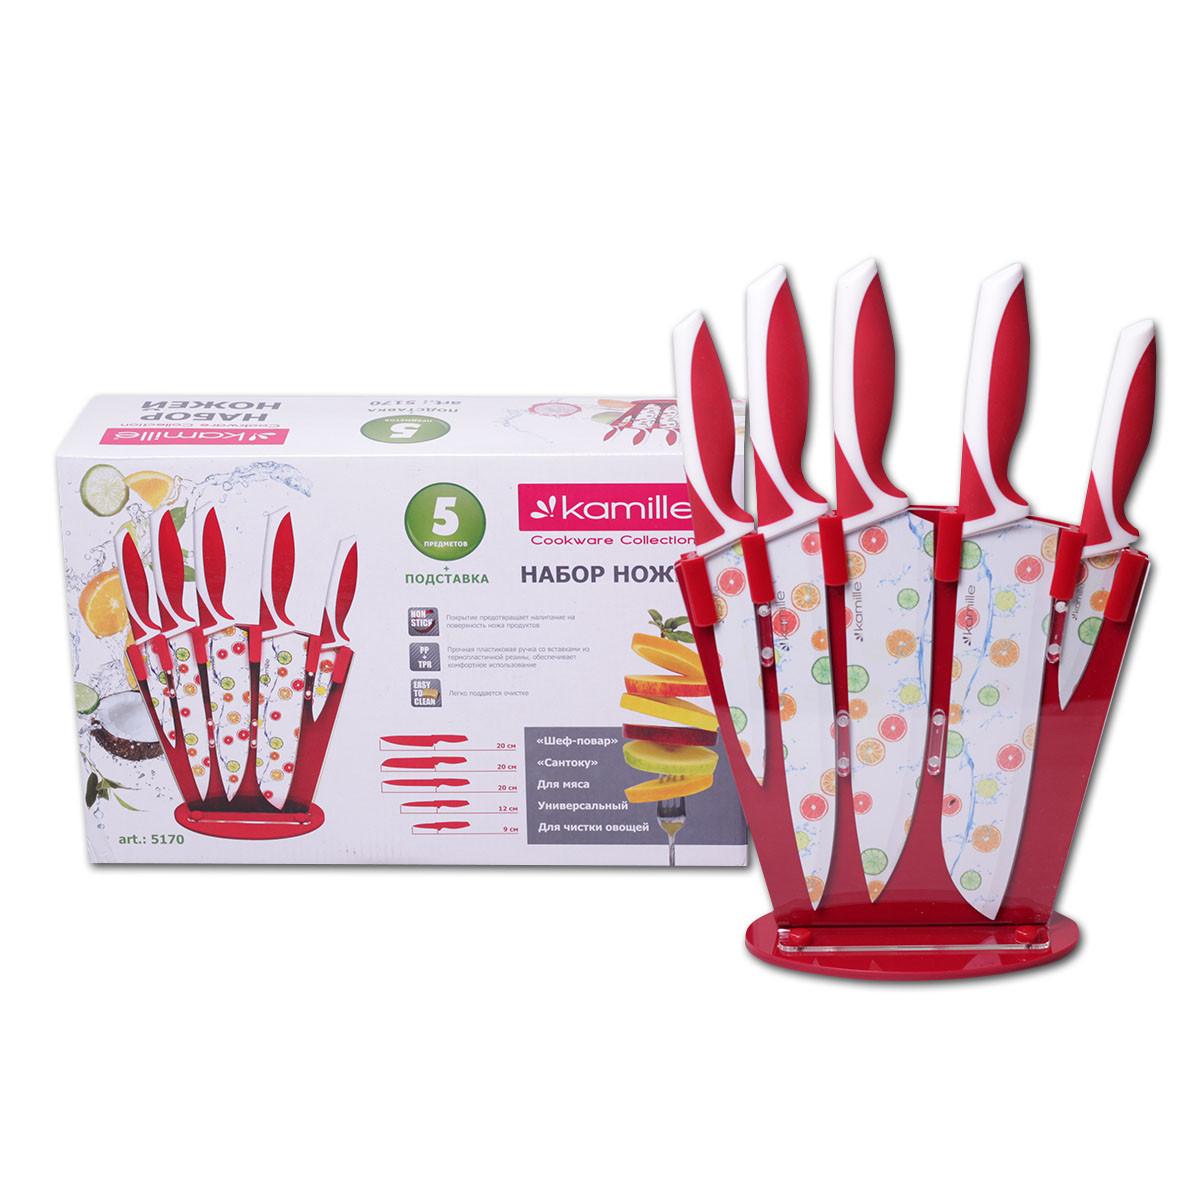 Набор ножей Kamille 6 предметов с антипригарным покрытием KM-5170